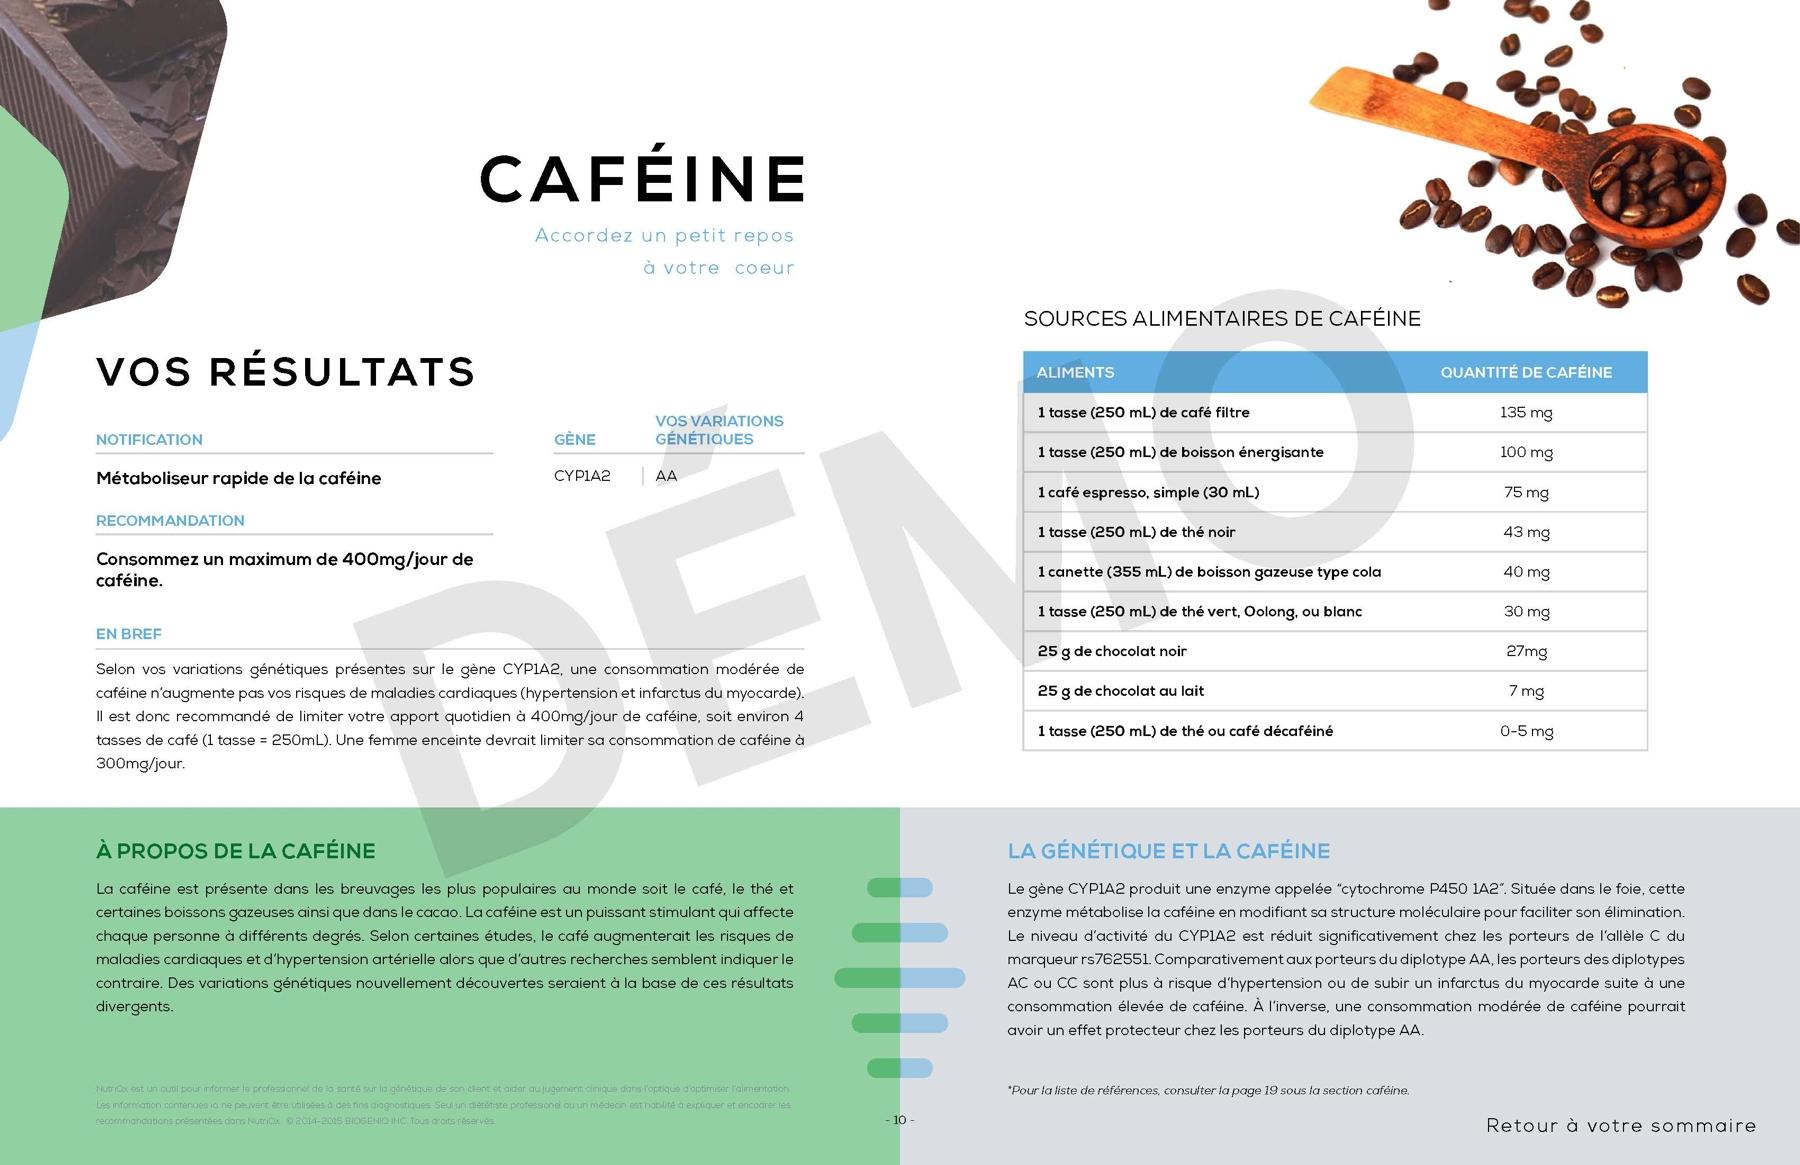 Rapport profil Nutrition Caféine